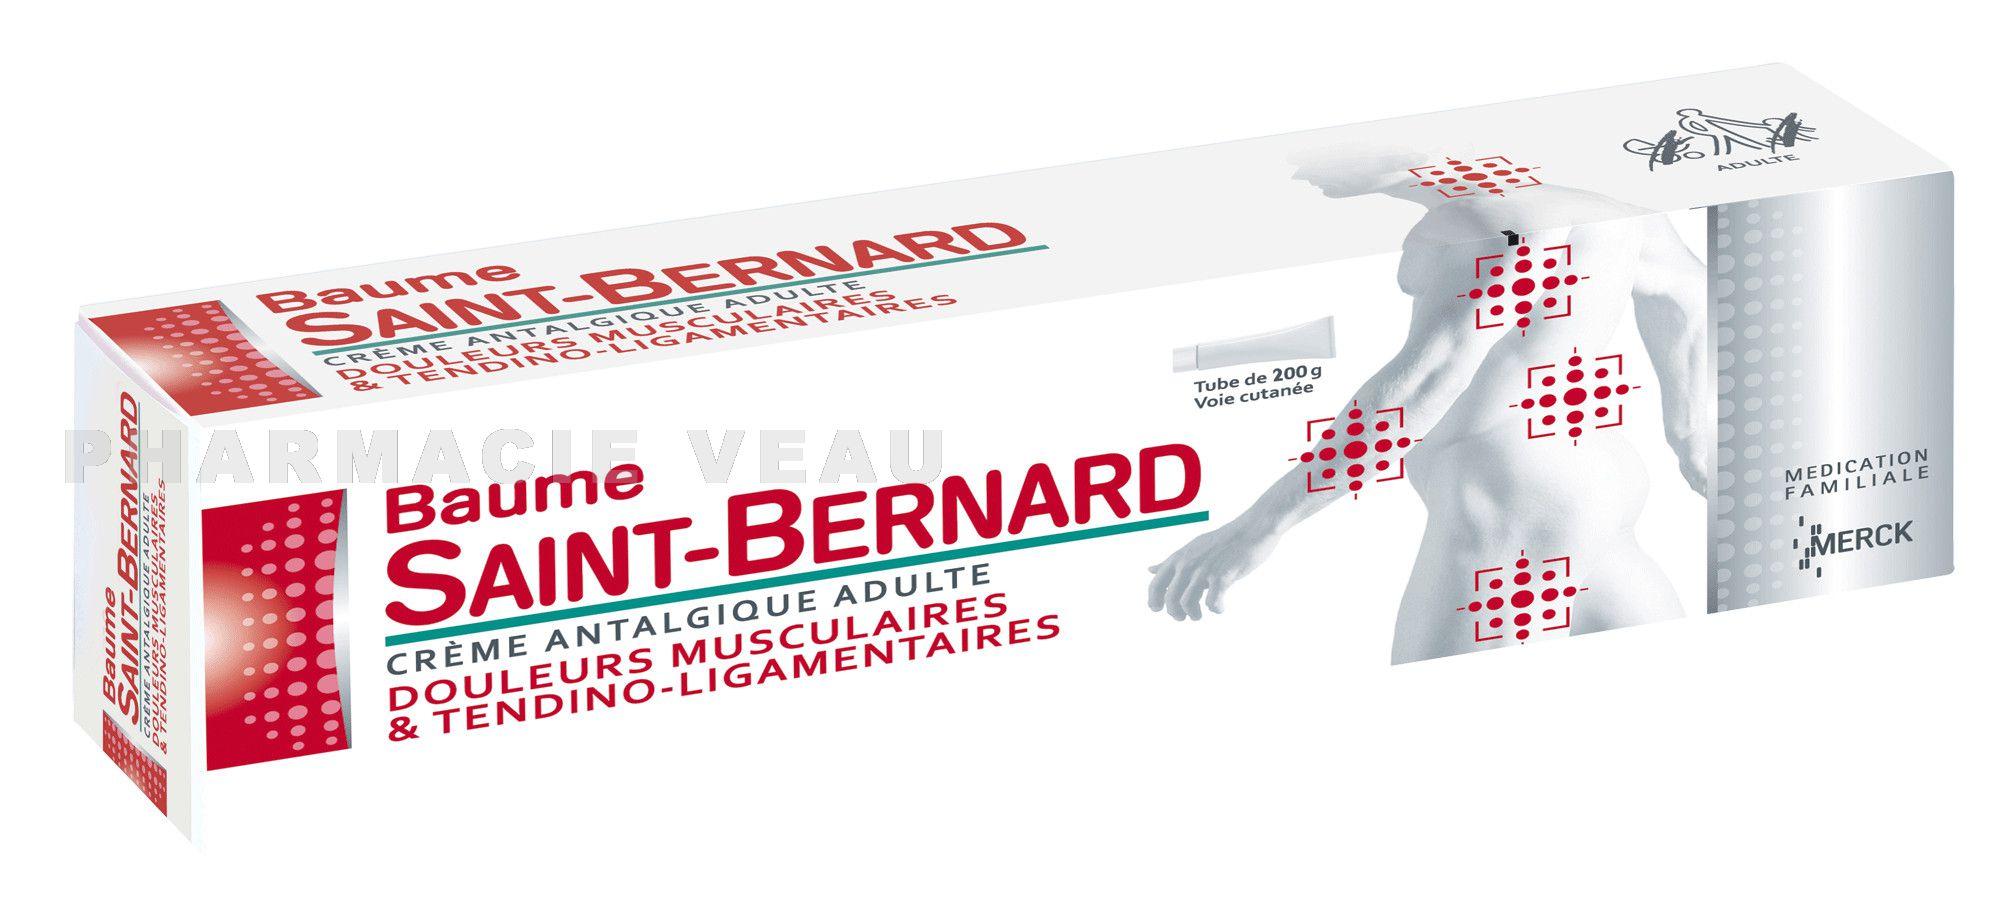 baume saint bernard cr me tube de 100g. Black Bedroom Furniture Sets. Home Design Ideas